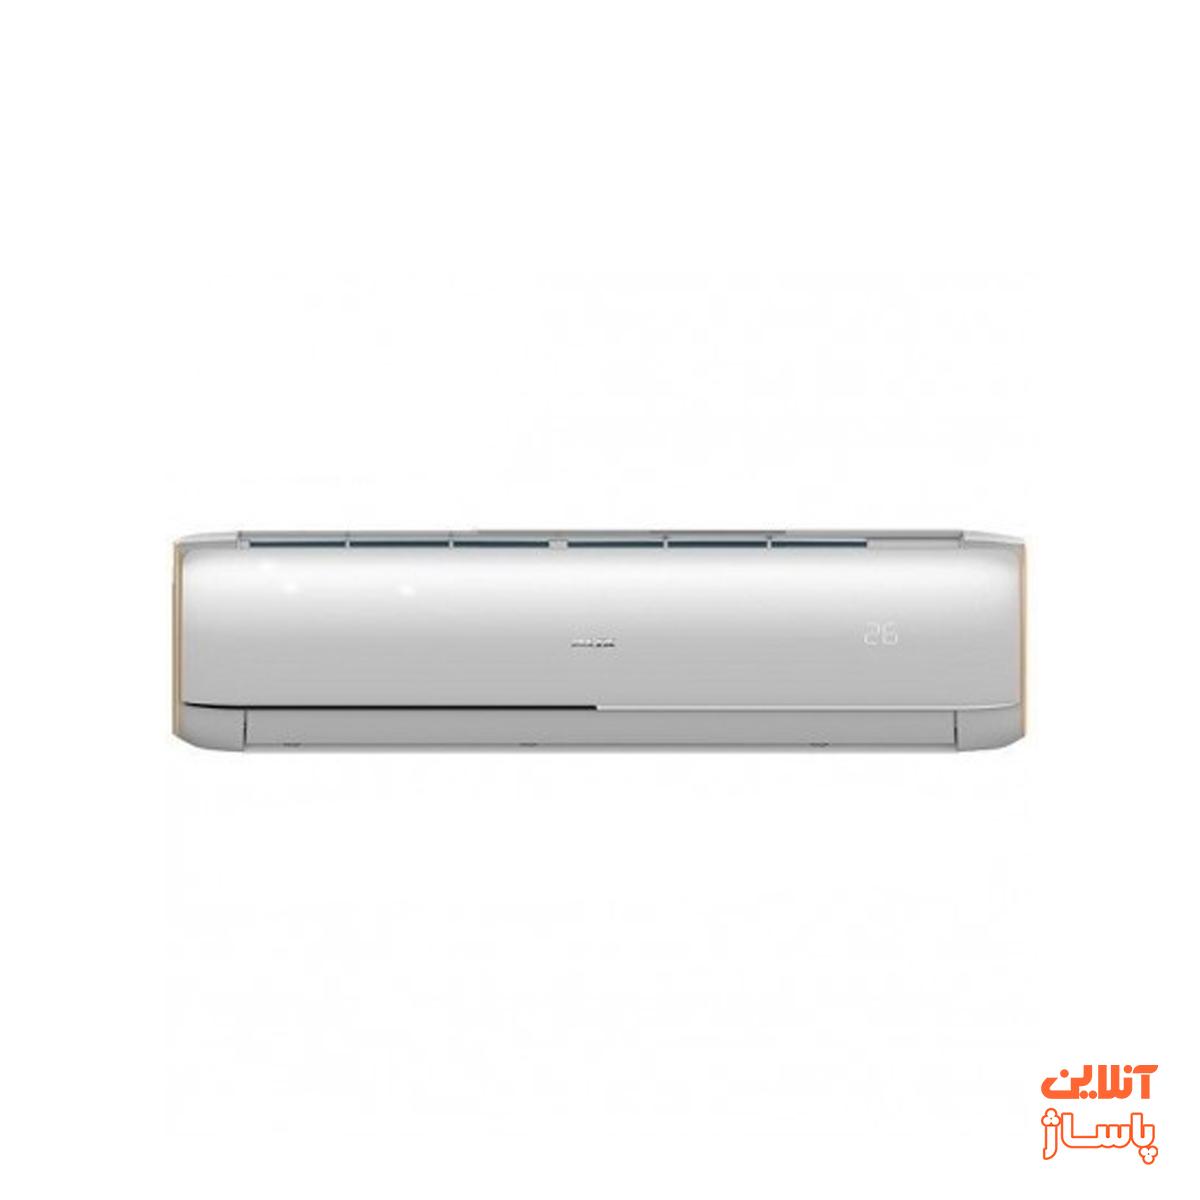 کولر گازی سرد و گرم اینورتر آکس ZT124A4/D1